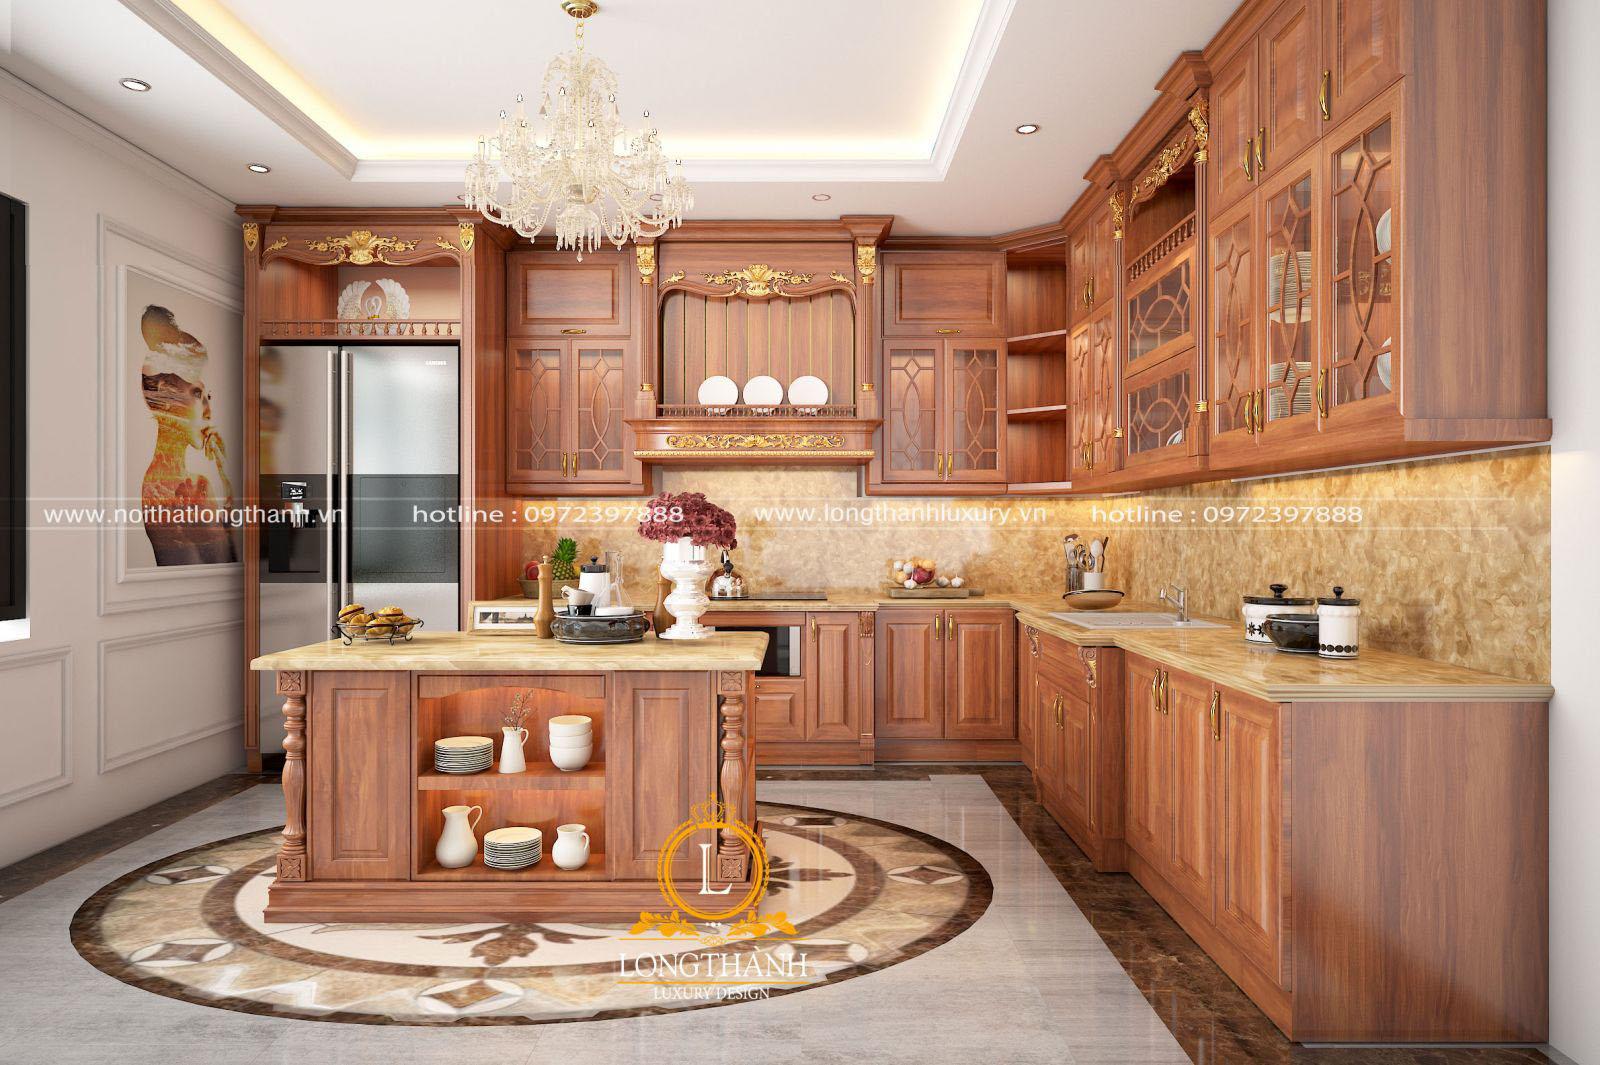 Tủ bếp chữ L được thiết kế theo phong cách tân cổ điển cho nhà phố